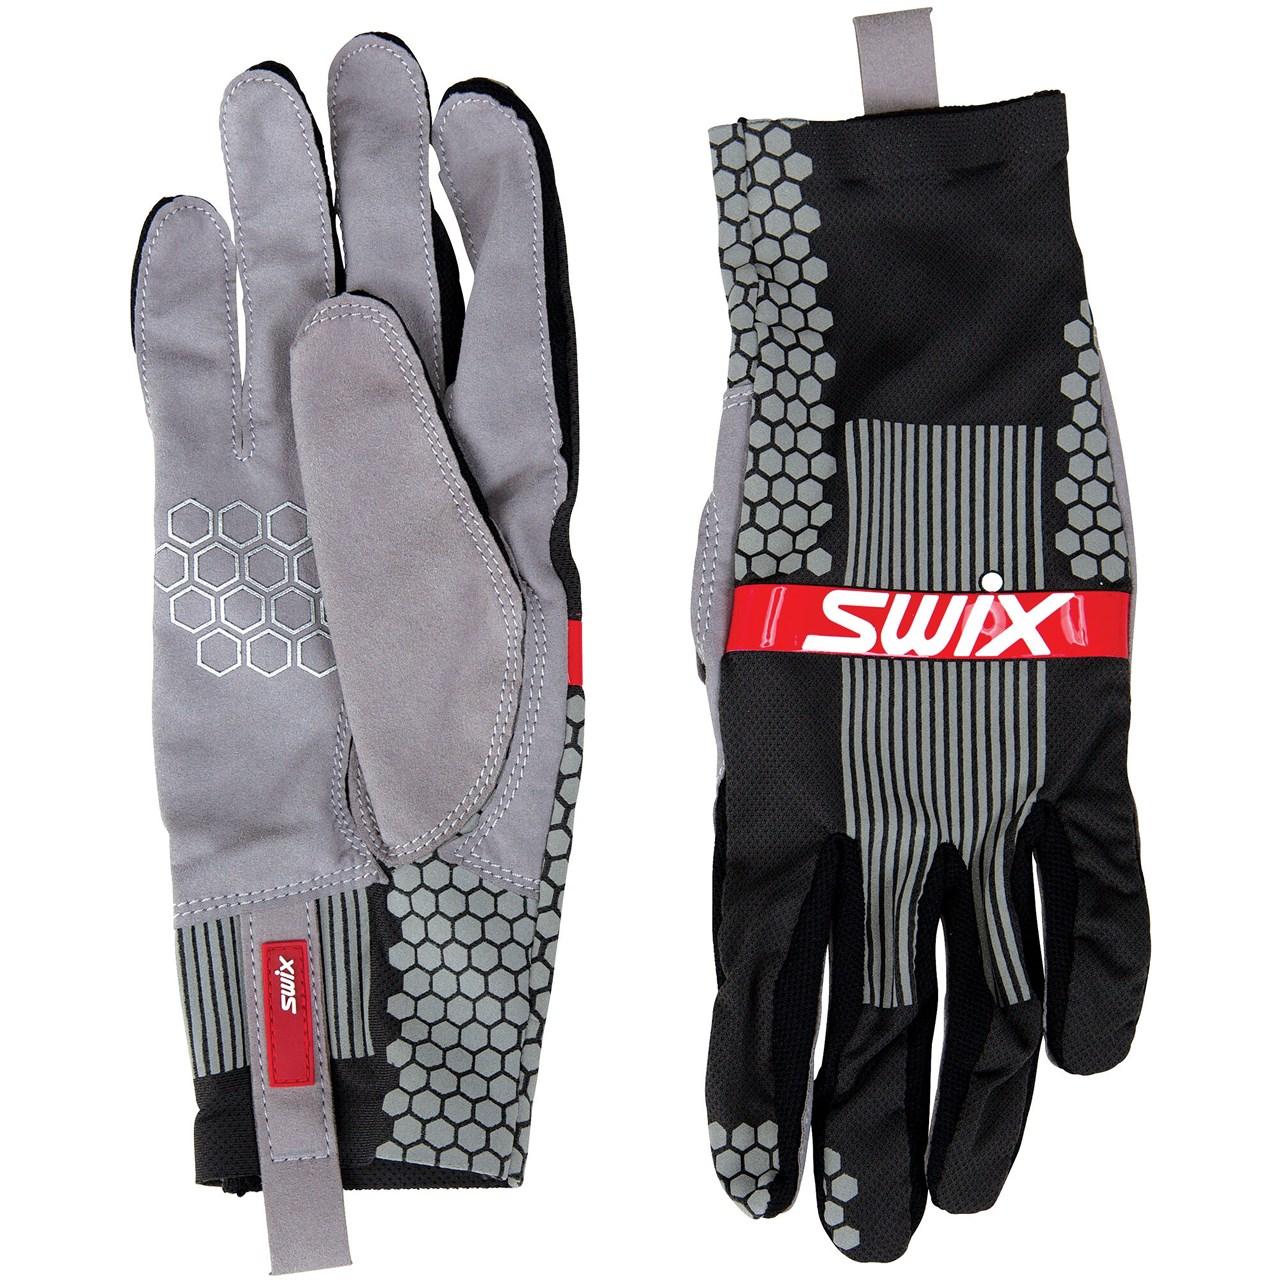 Carbon glove